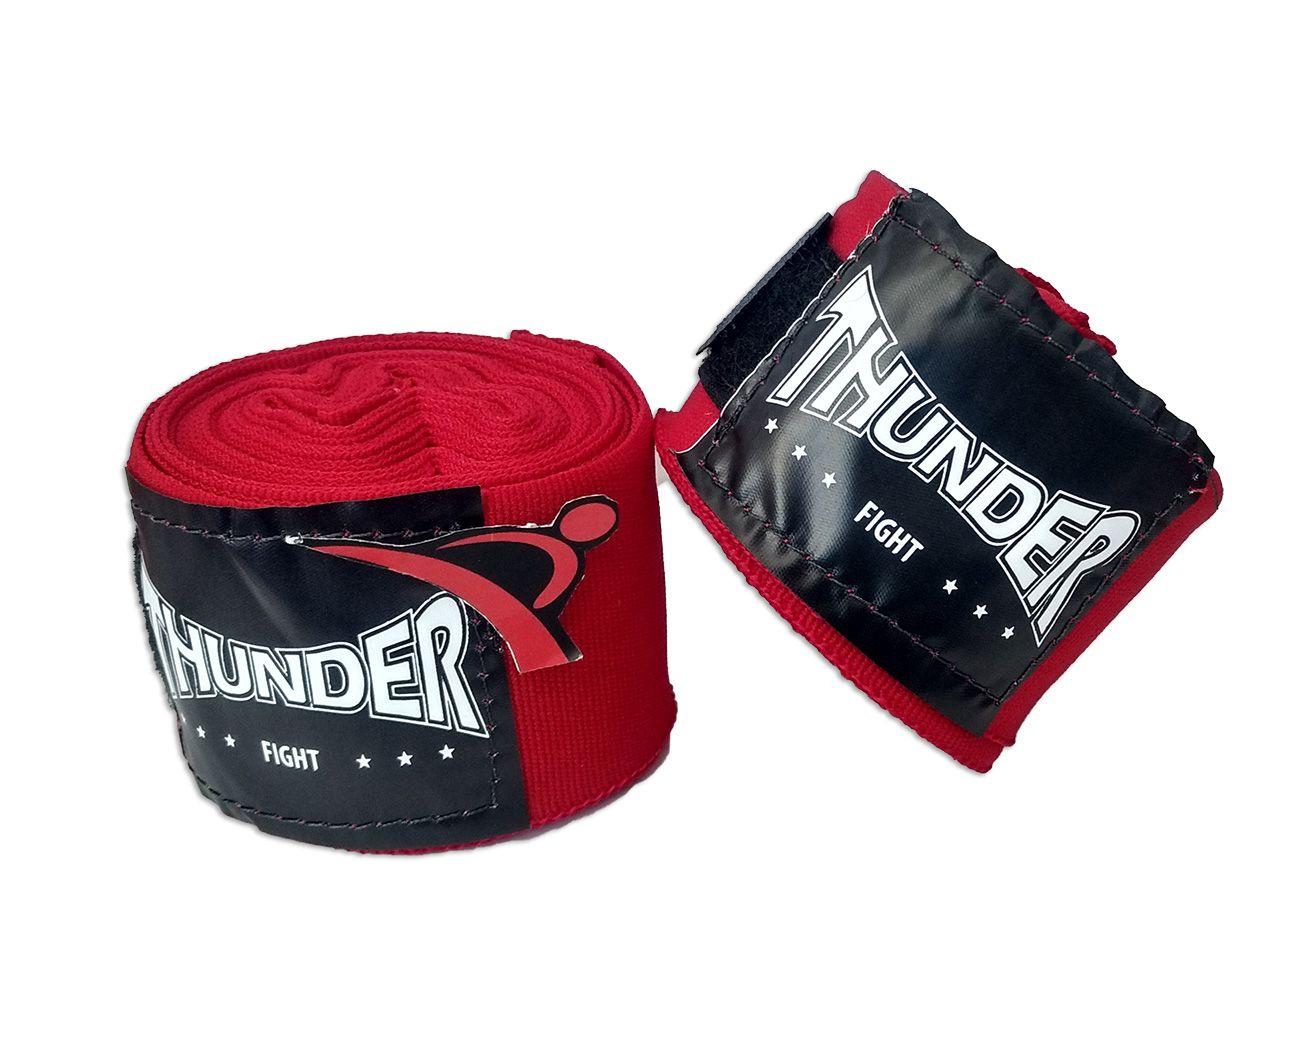 Par De Bandagem Atadura Elástica 3 Metros Muay Thai Boxe - Vermelho - Thunder Fight  - PRALUTA SHOP